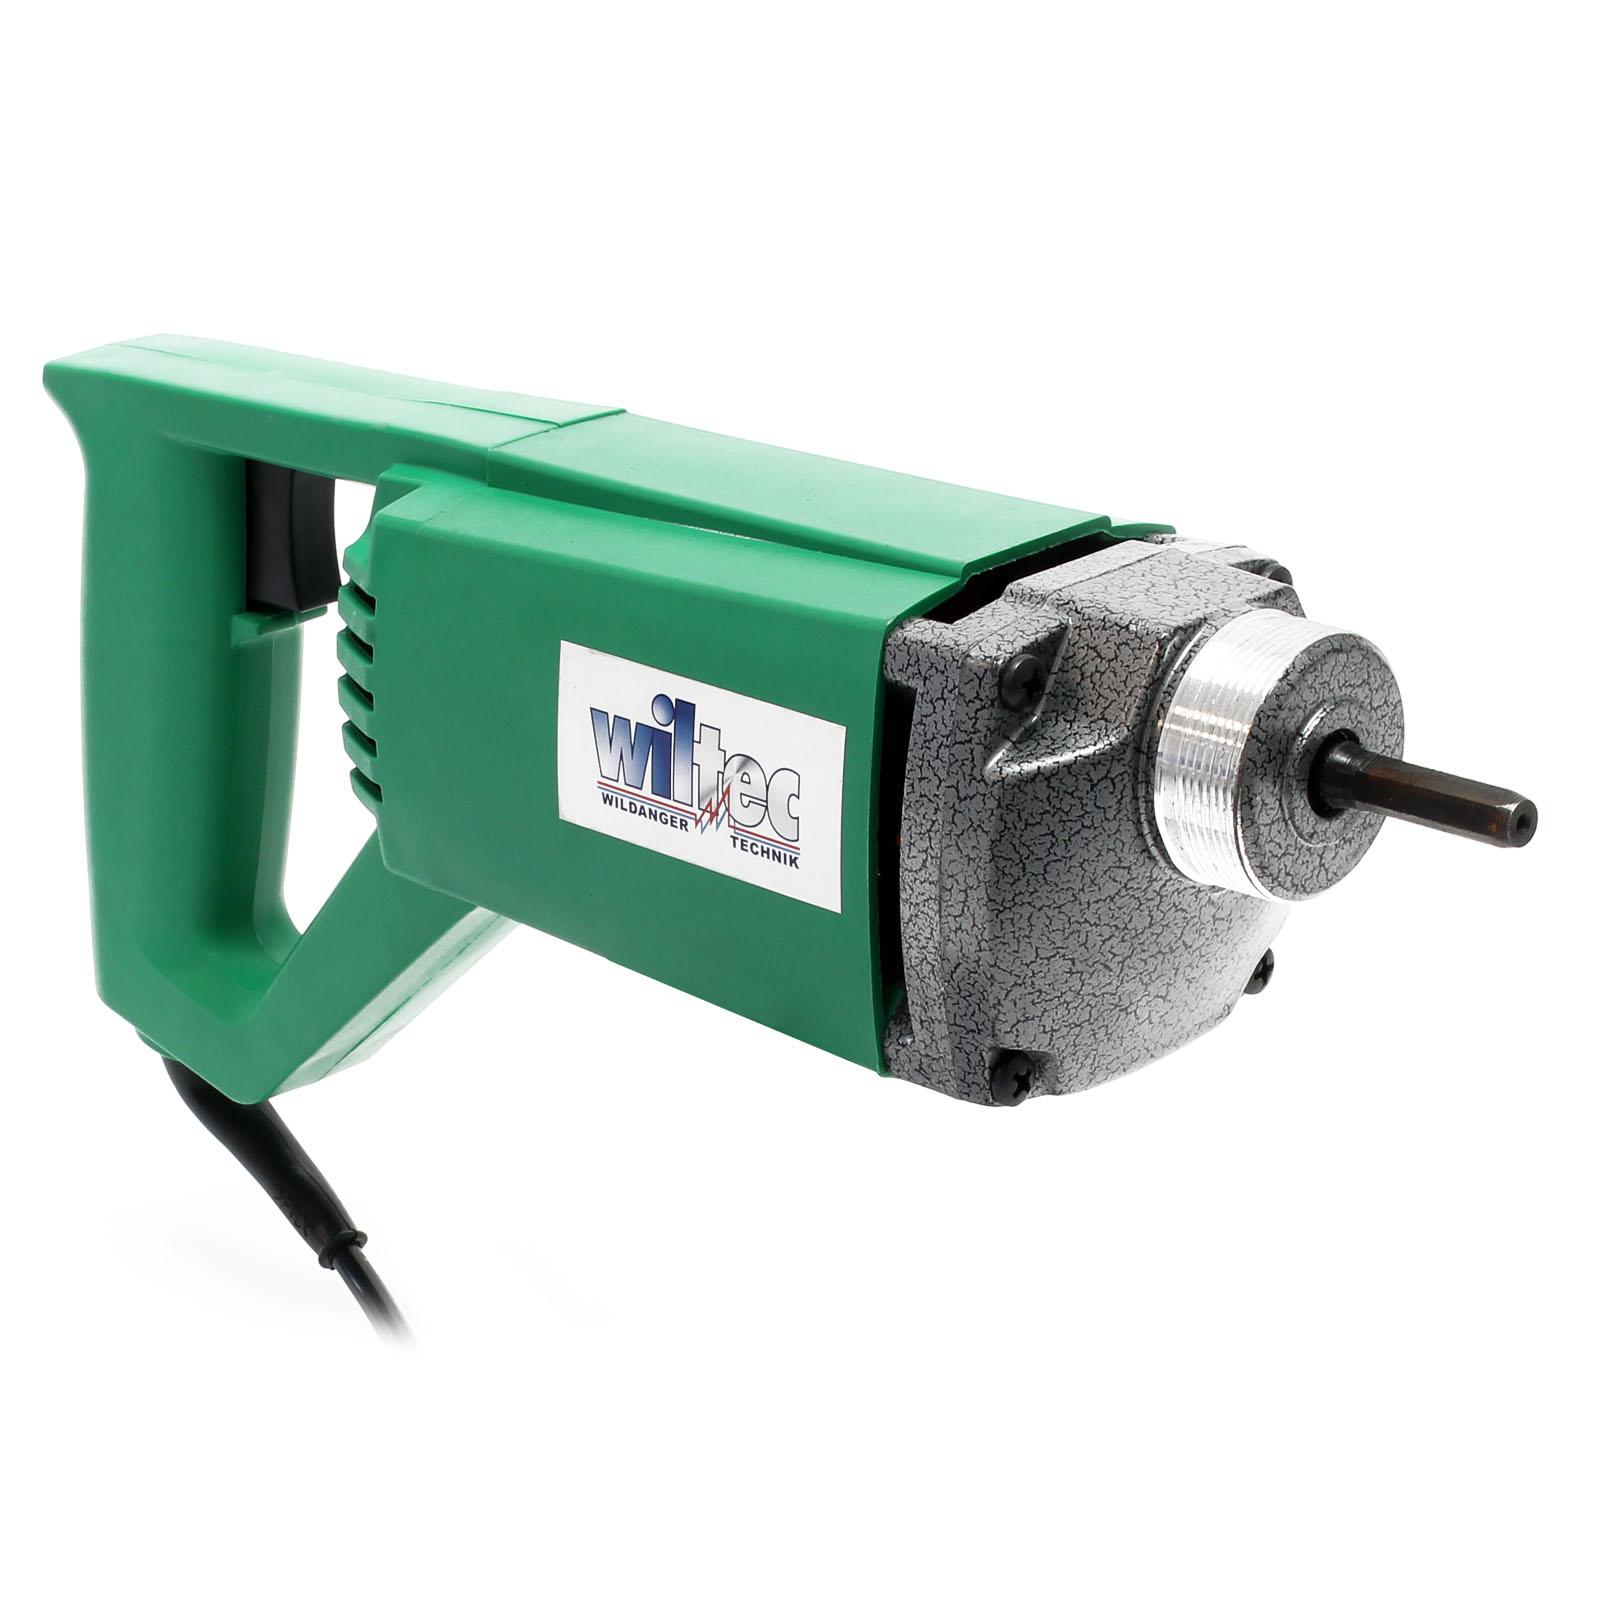 Vibreur Béton 800W 5600 U//min Aiguille vibrante Ø35mm Vibreur électrique manuel